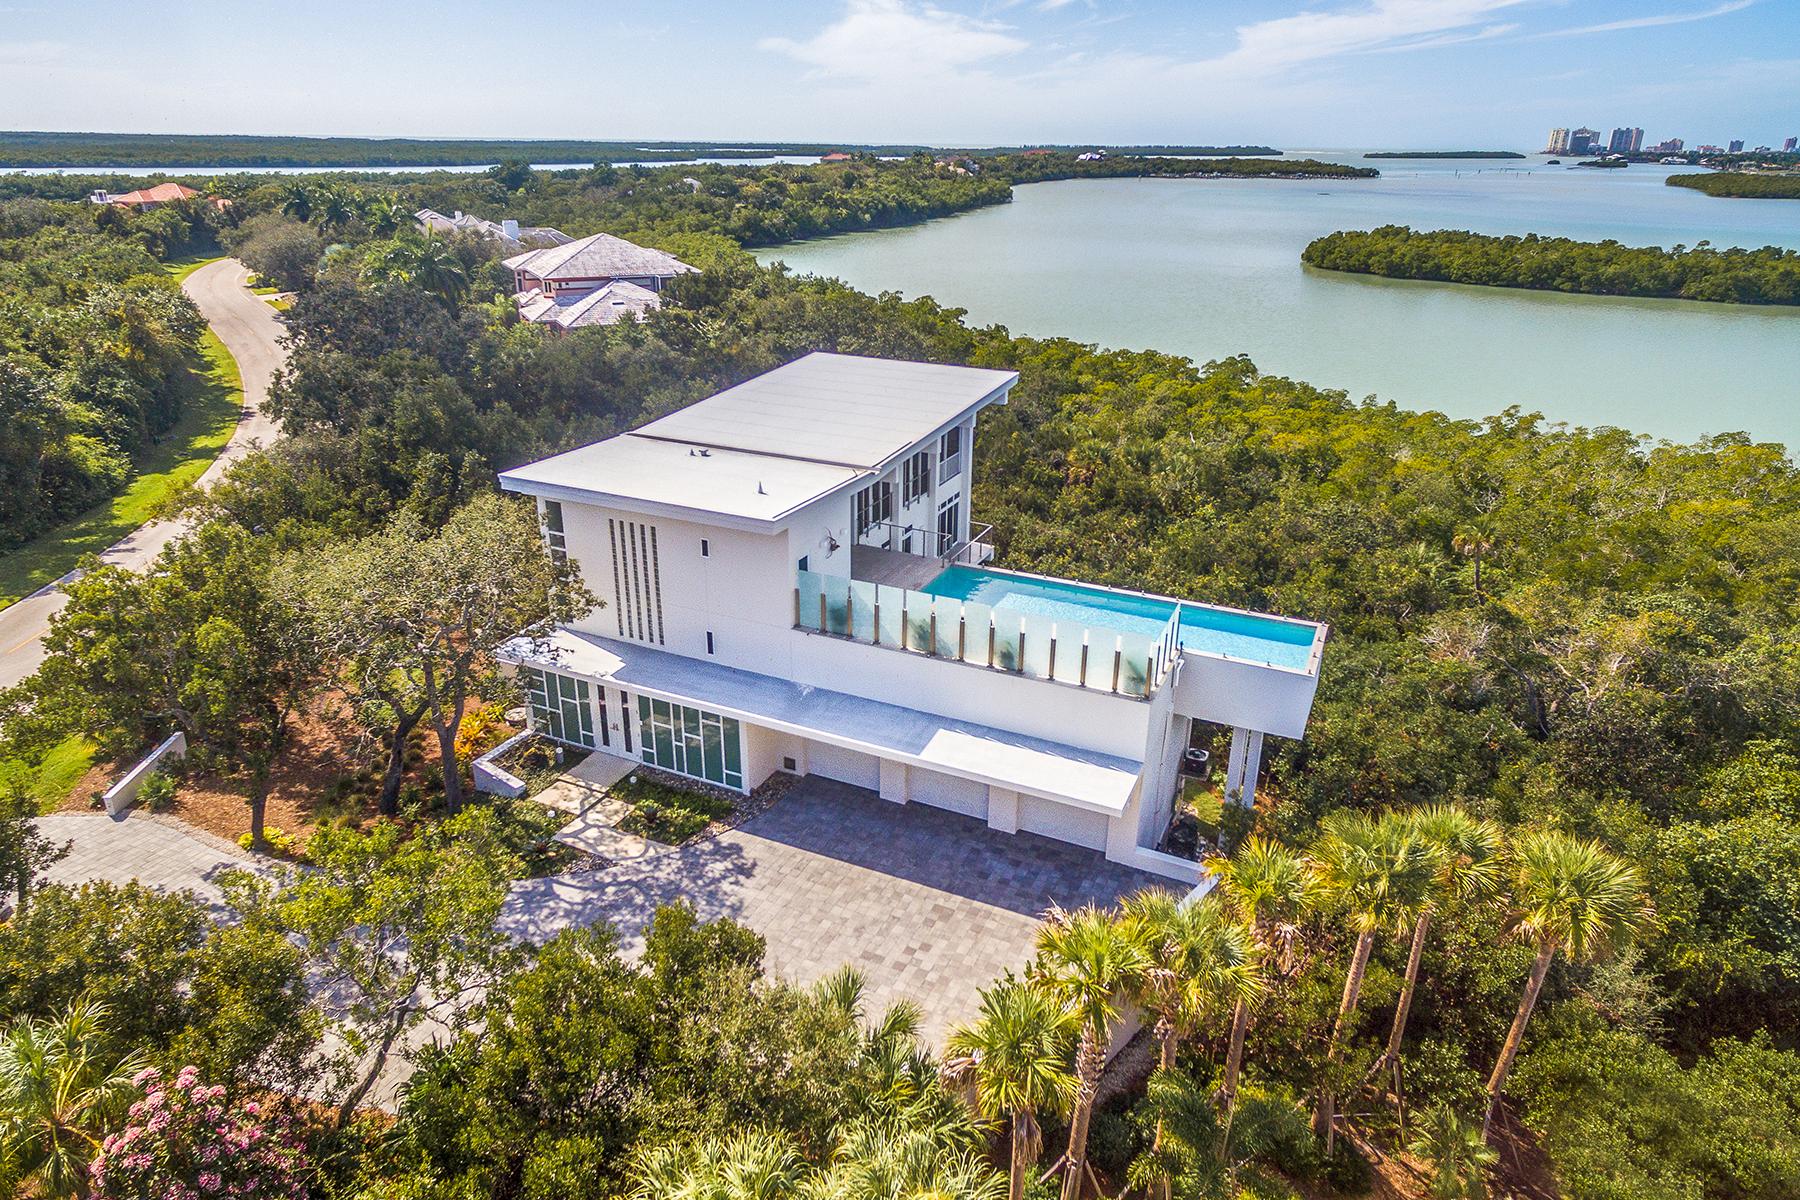 Einfamilienhaus für Verkauf beim KEY MARCO 1143 Blue Hill Creek Dr Marco Island, Florida, 34145 Vereinigte Staaten